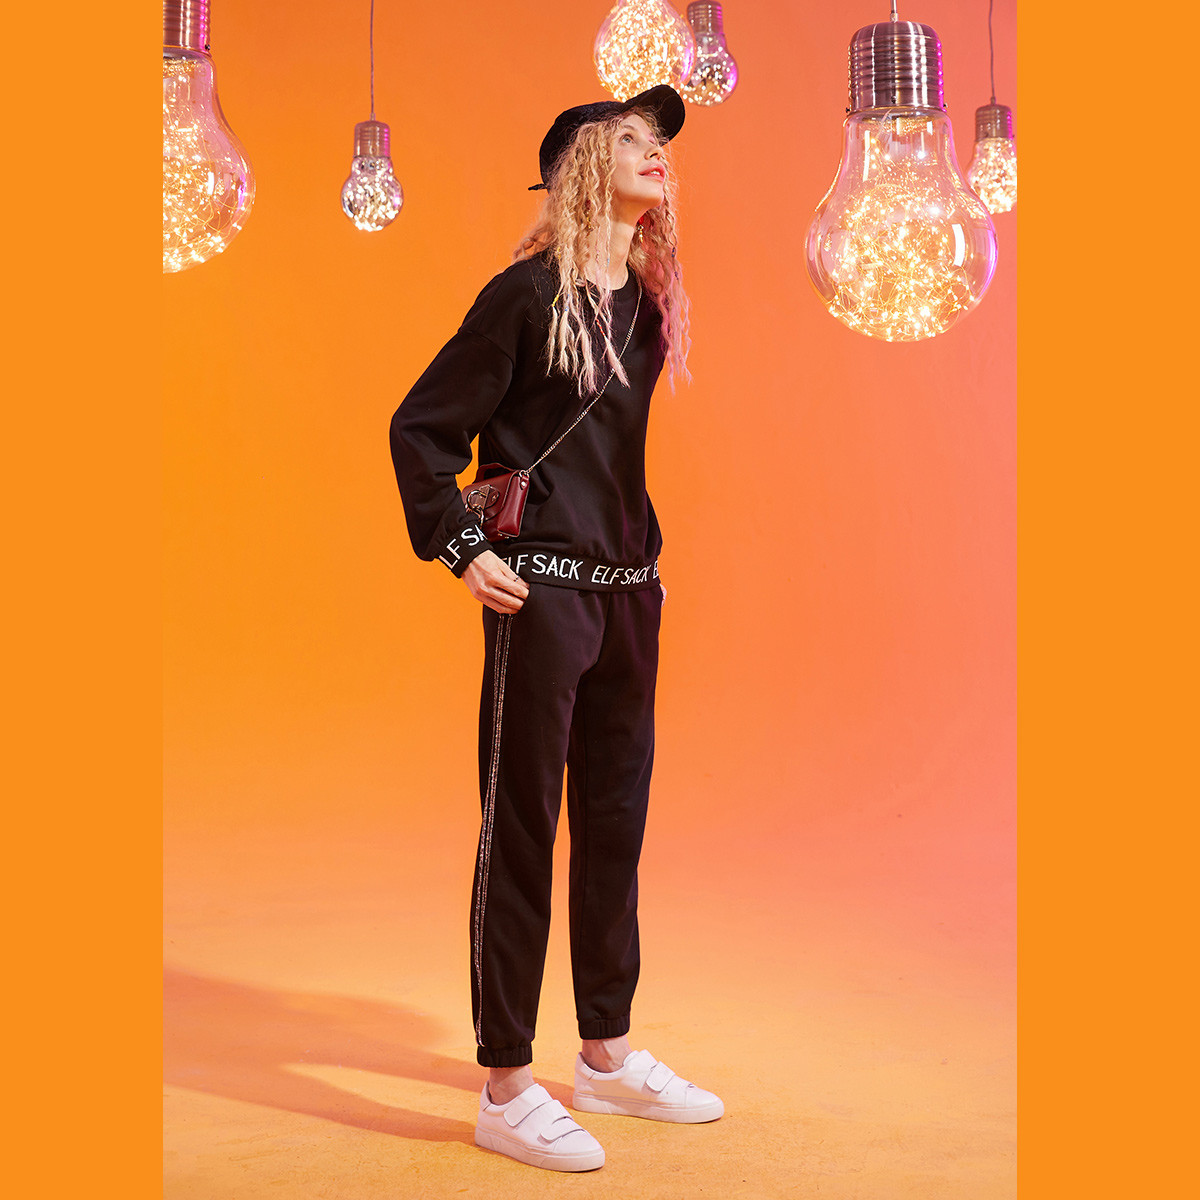 妖精的口袋秋冬新款纯色女式套装宽松套头卫衣休闲时尚束脚九分裤运动装P194120297006